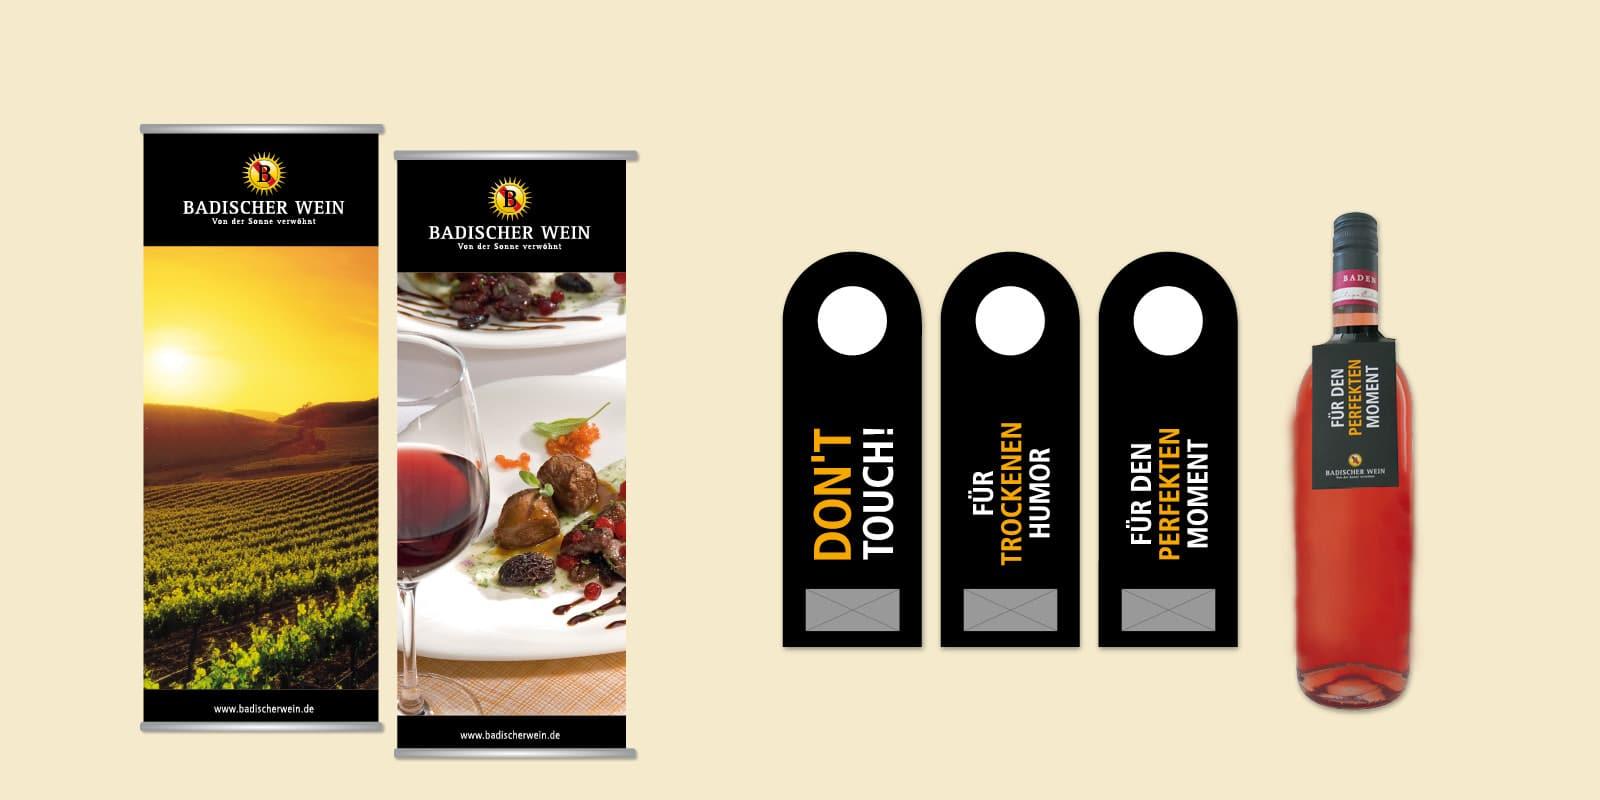 Badischer Wein – Roll Ups & Give aways